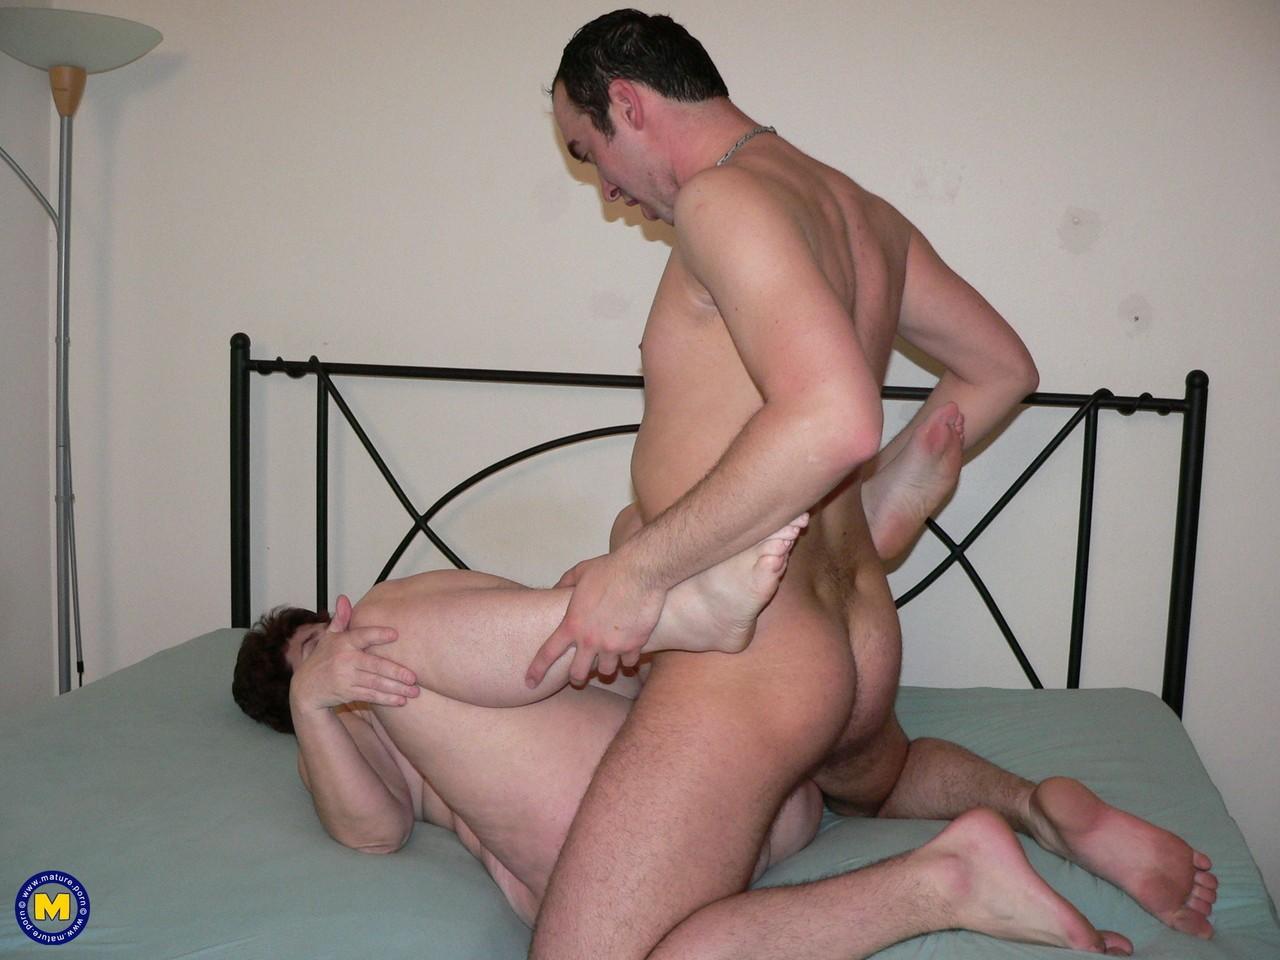 Фотки секса молодого с пассией бальзаковского возраста. Фото - 6